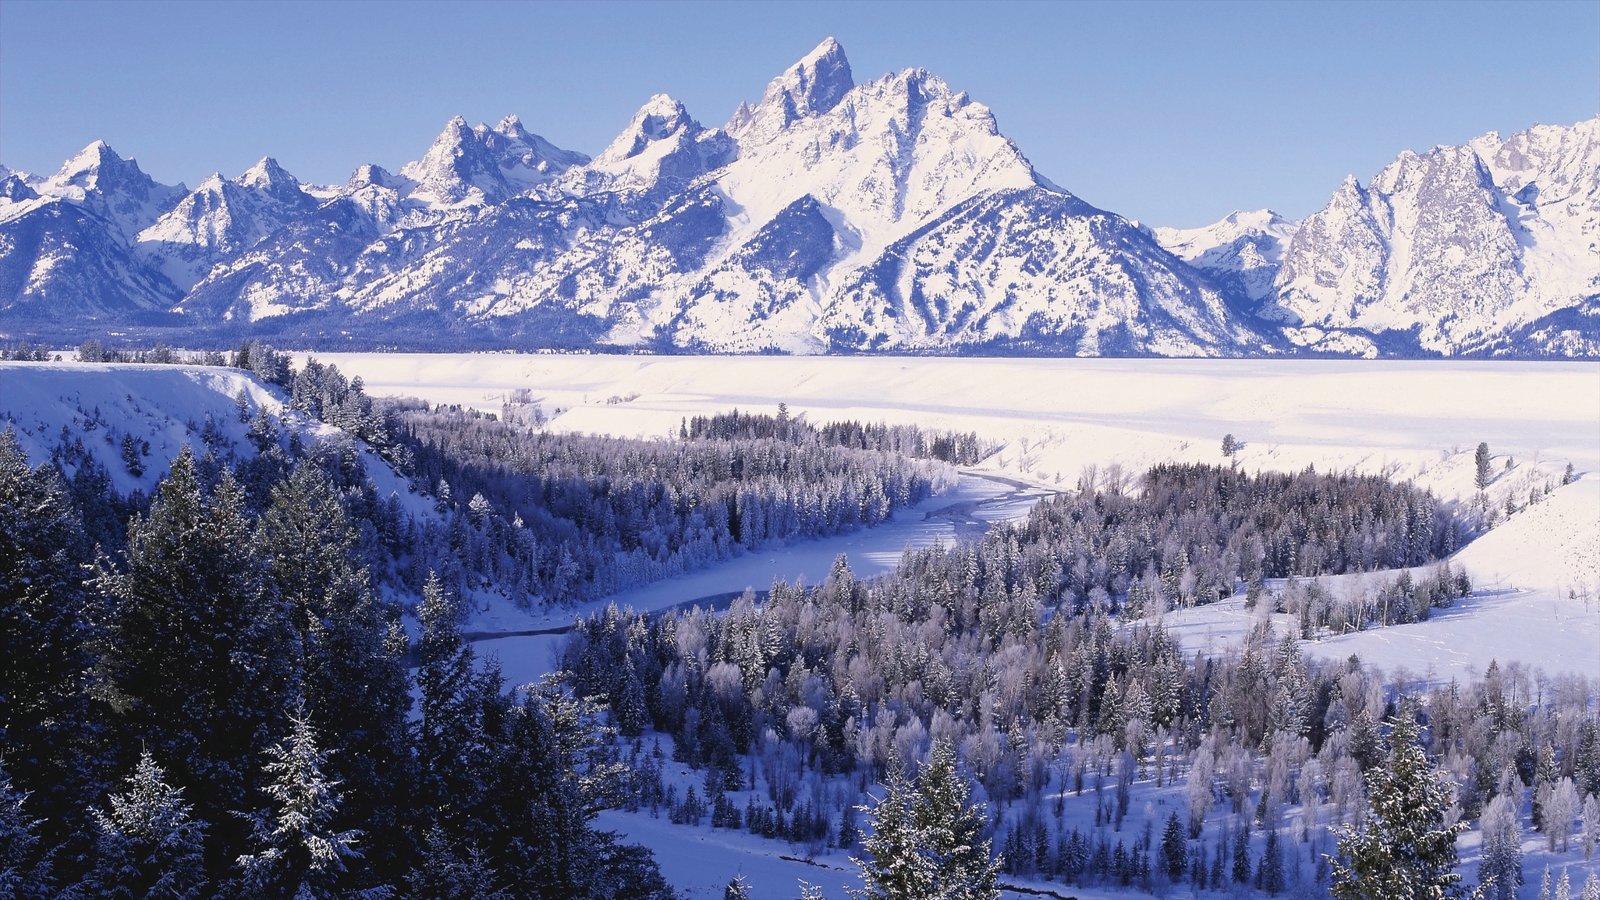 Jackson Hole que incluye montañas, nieve y vistas de paisajes